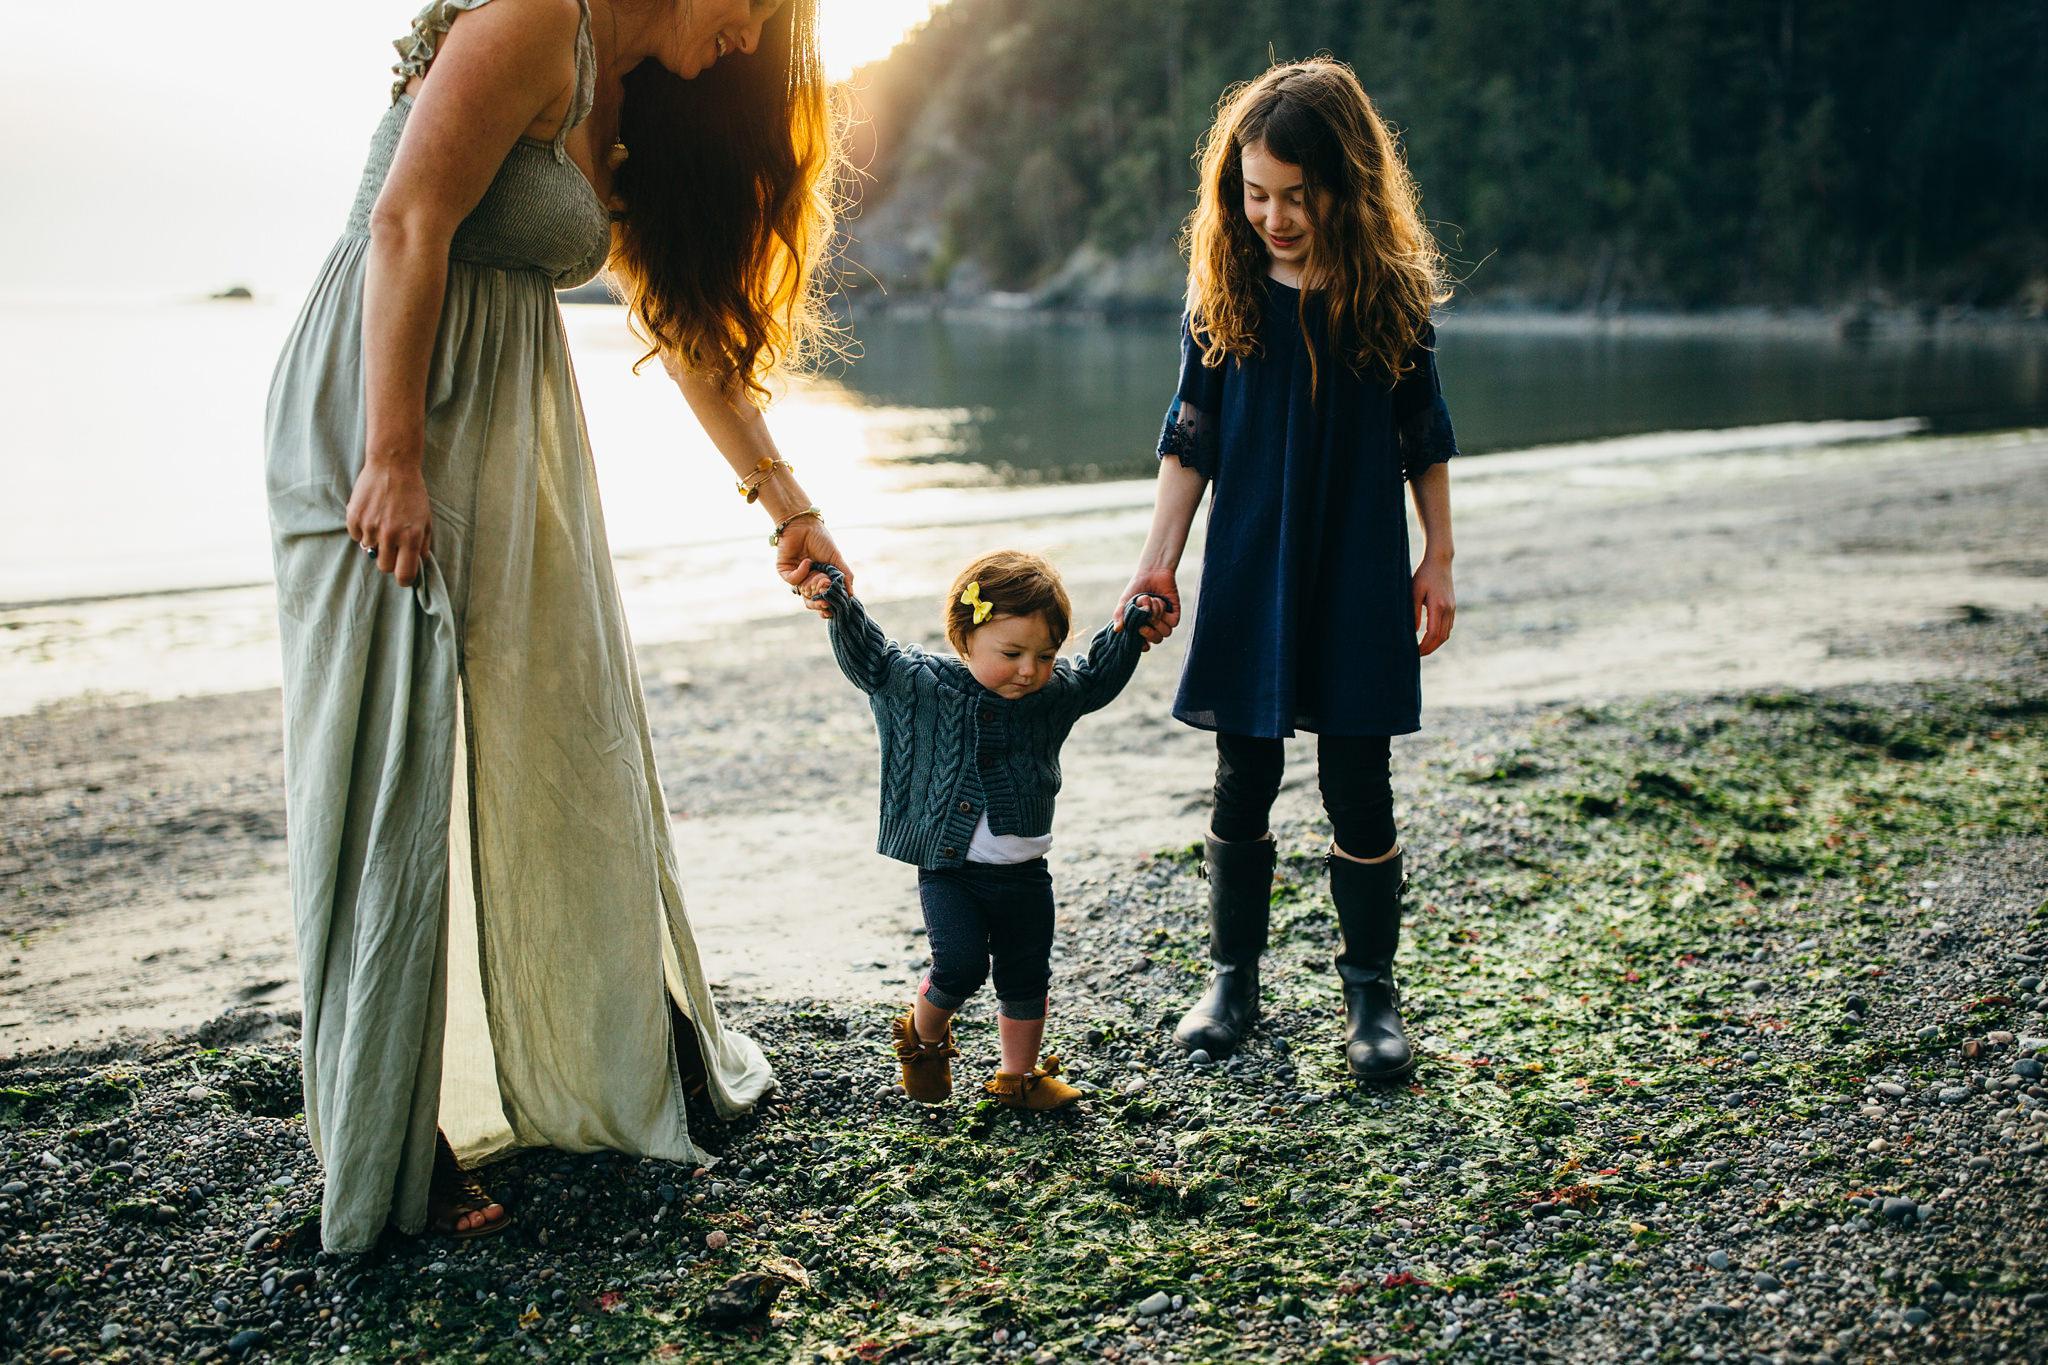 bowman-bay-oak-harbor-family-photographer-14.jpg